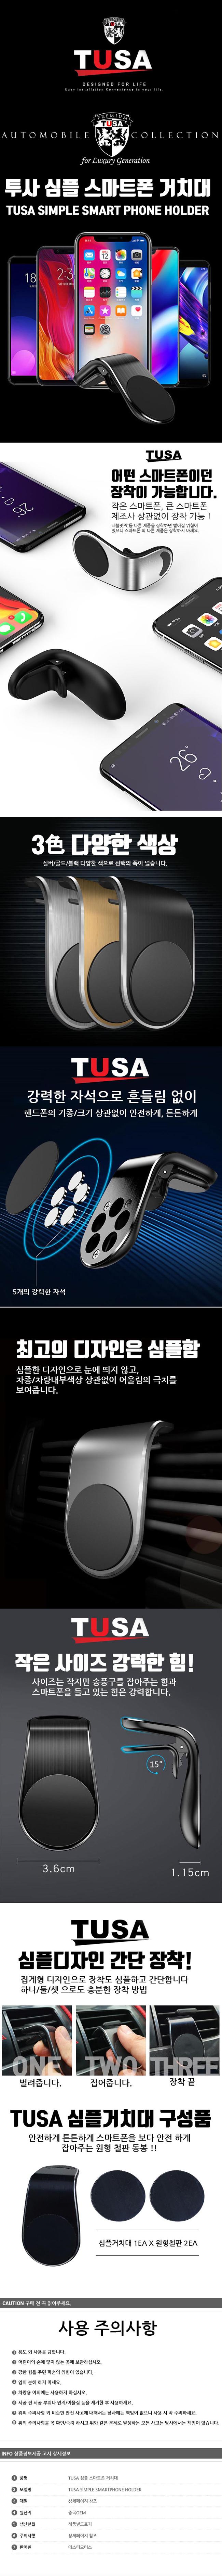 TUSA 송풍구형 울트라 마그네틱 스마트폰 심플 거치대,휴대폰거치대